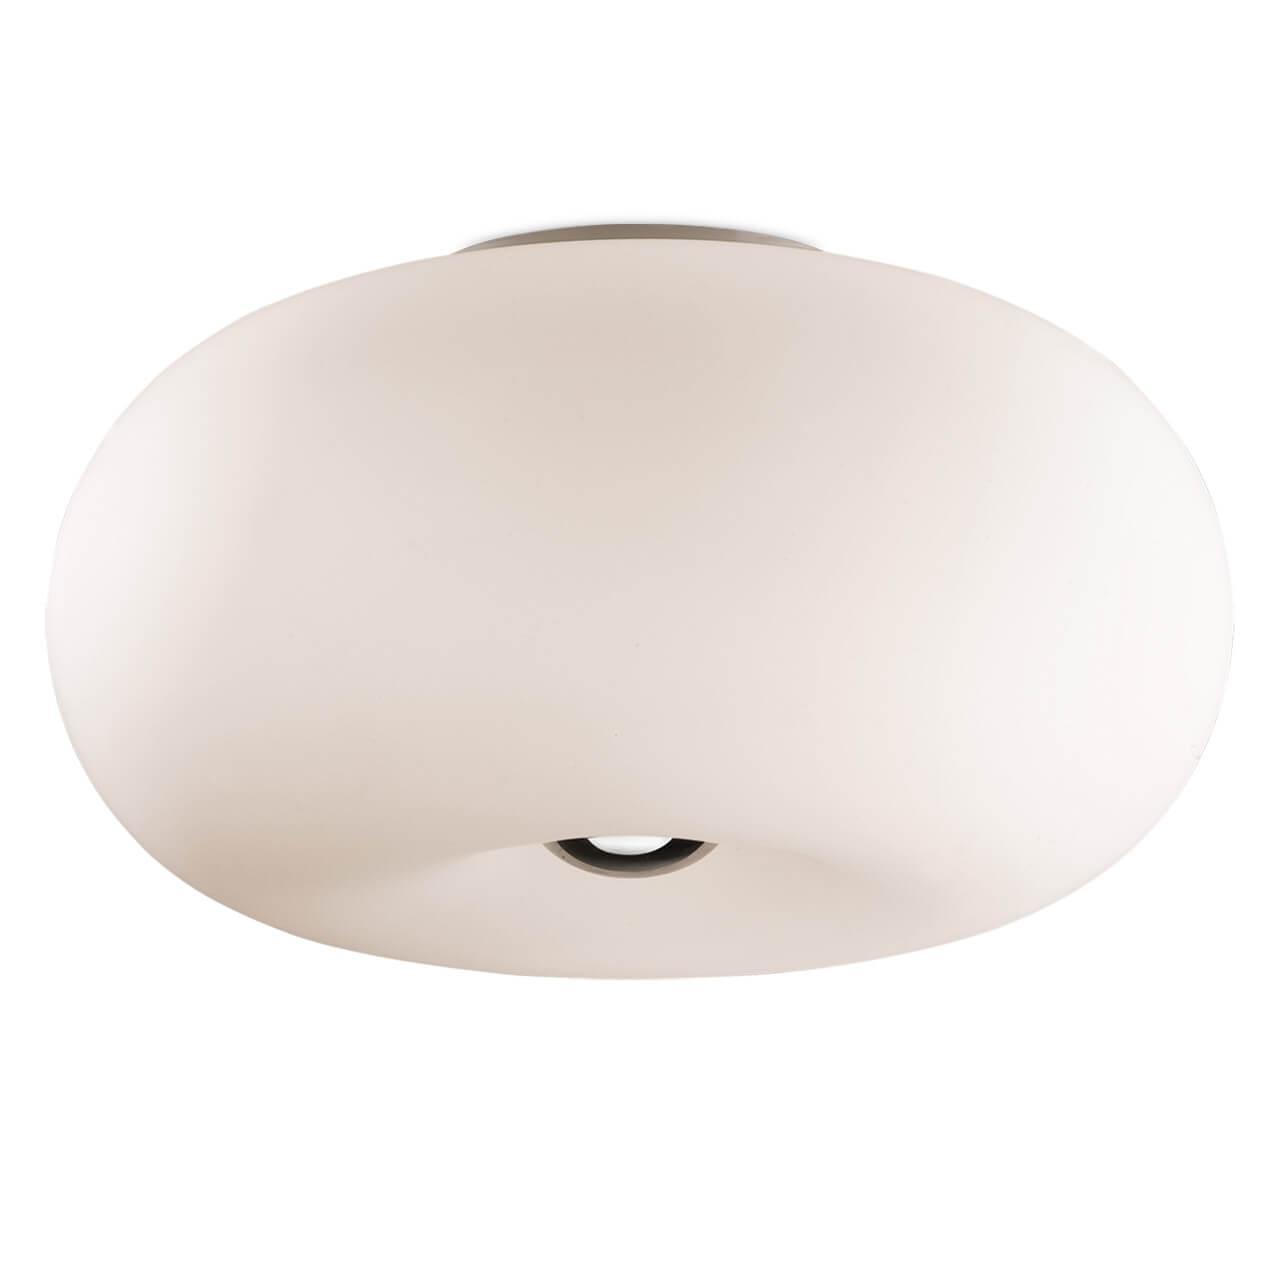 Накладной светильник Odeon Light 2205/3C, E27, 60 Вт odeon light накладной светильник scoppa